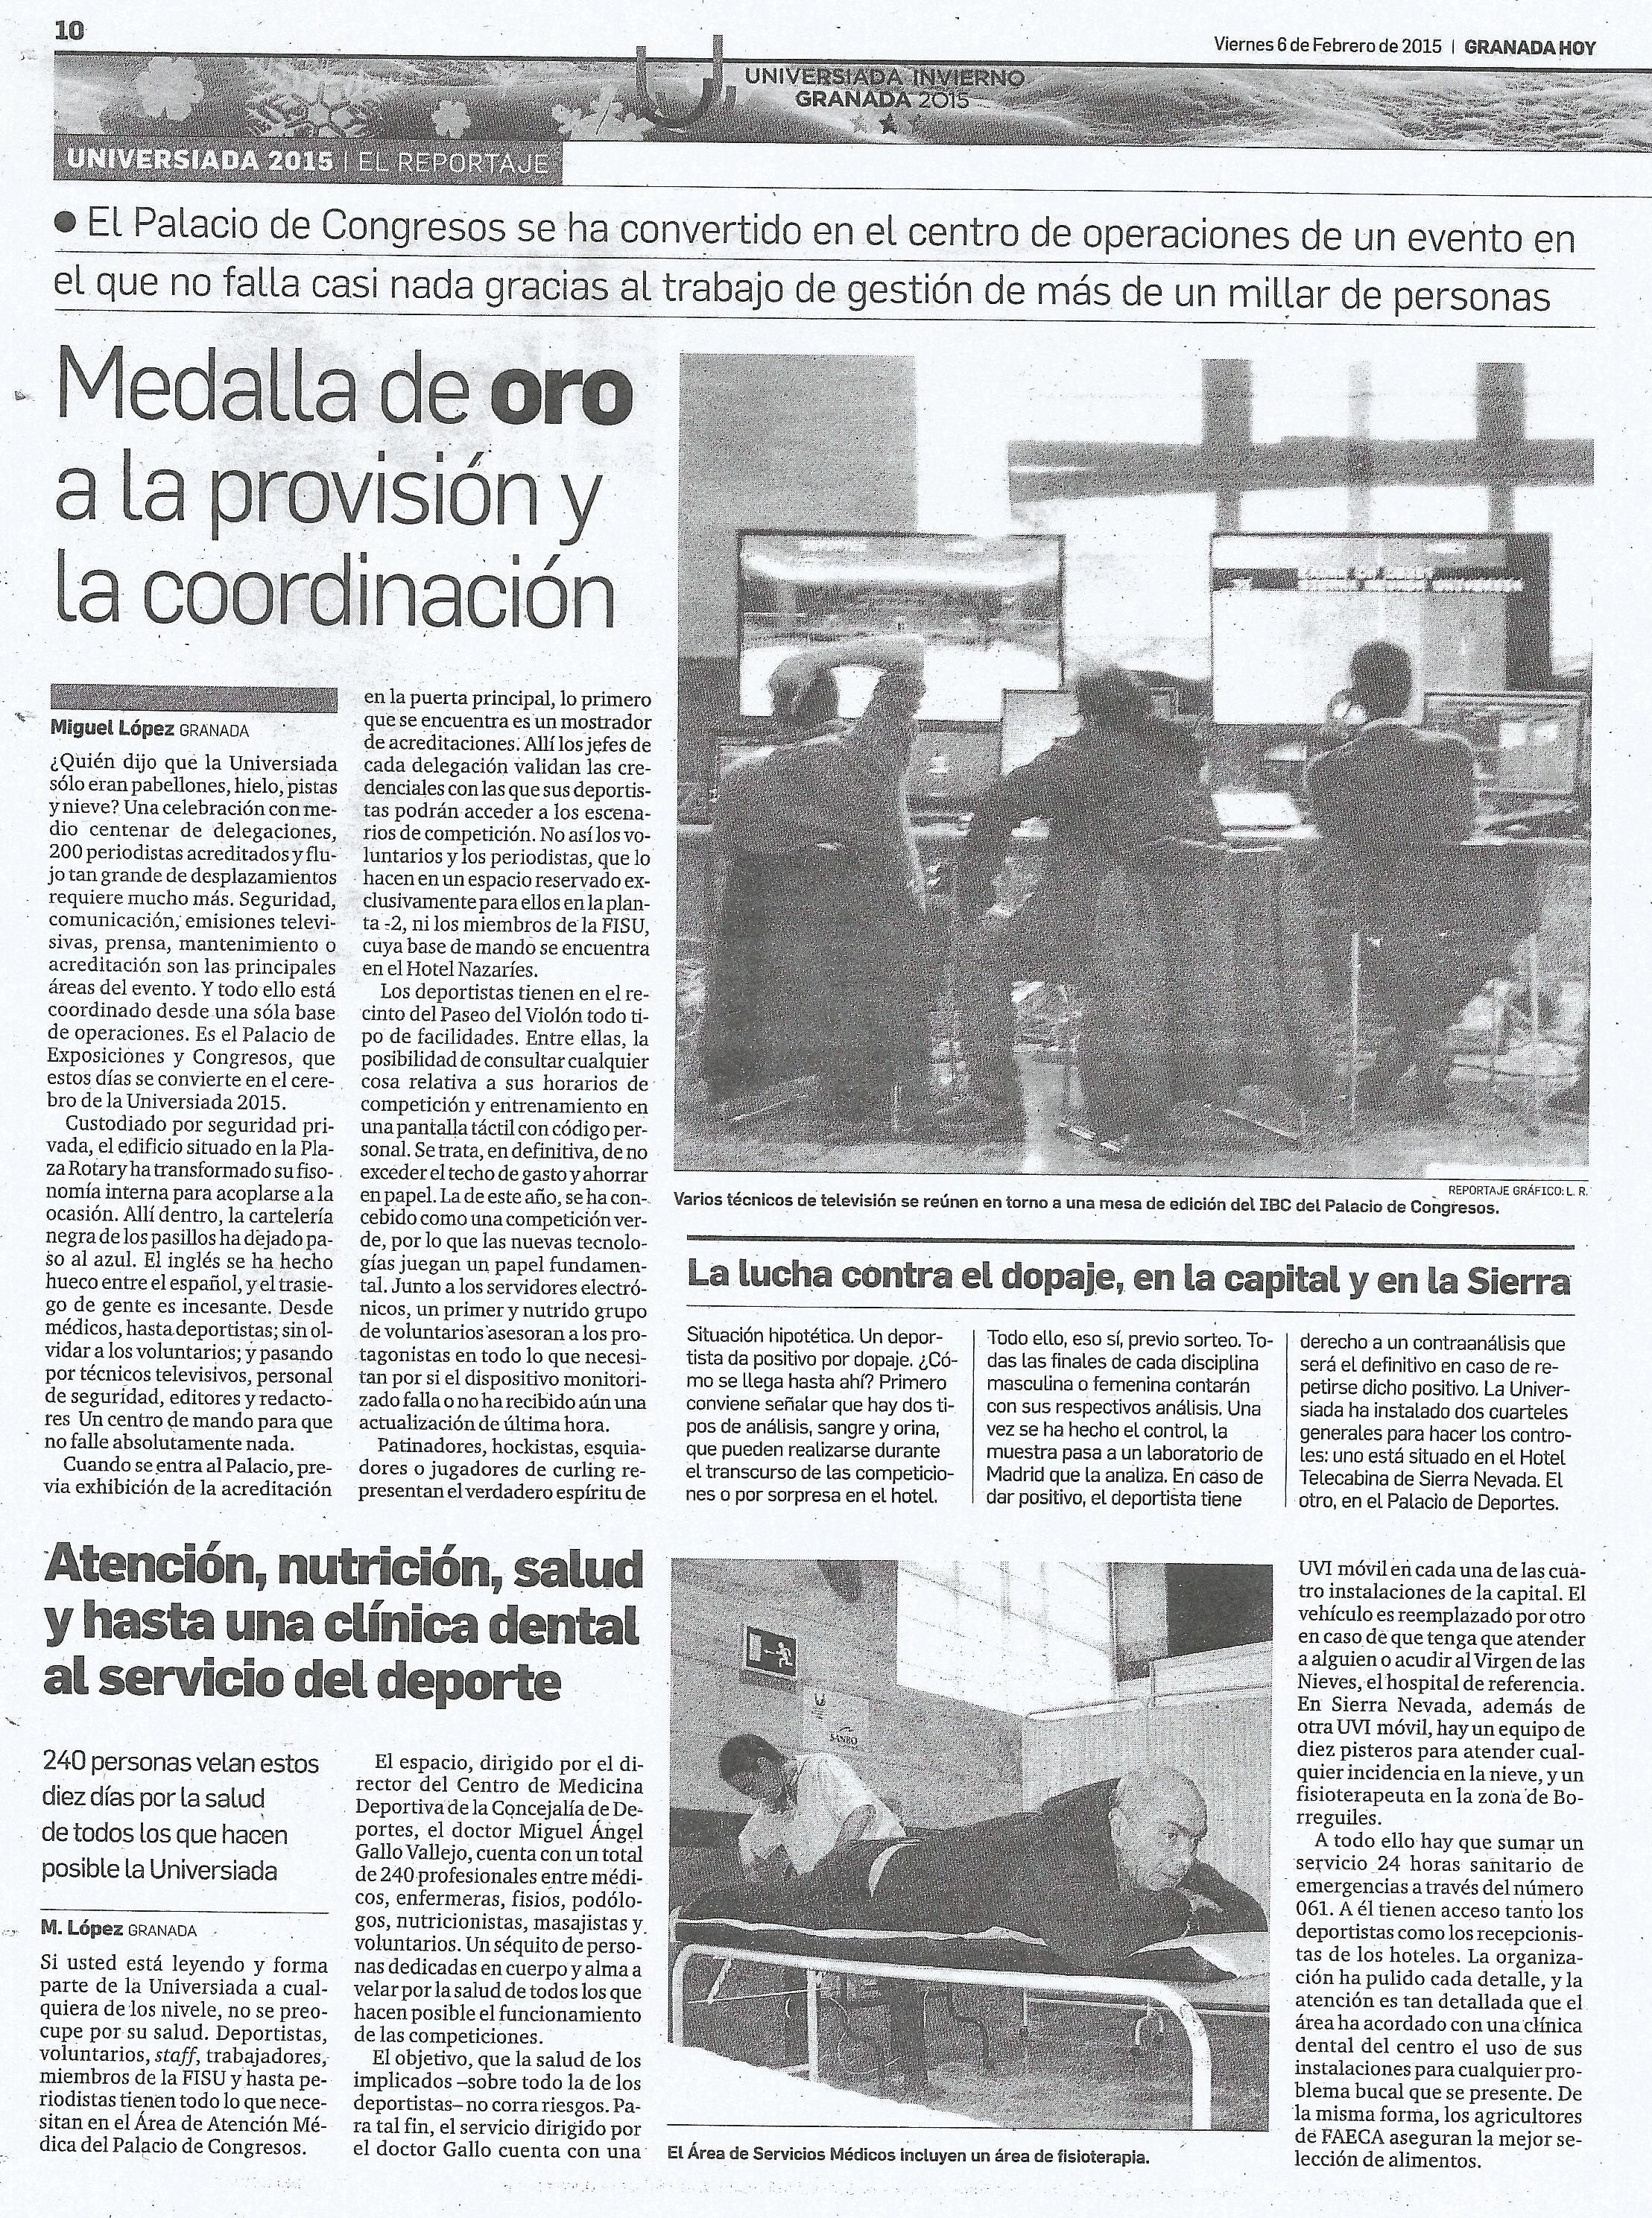 Granada Hoy 6 de febrero de 2015